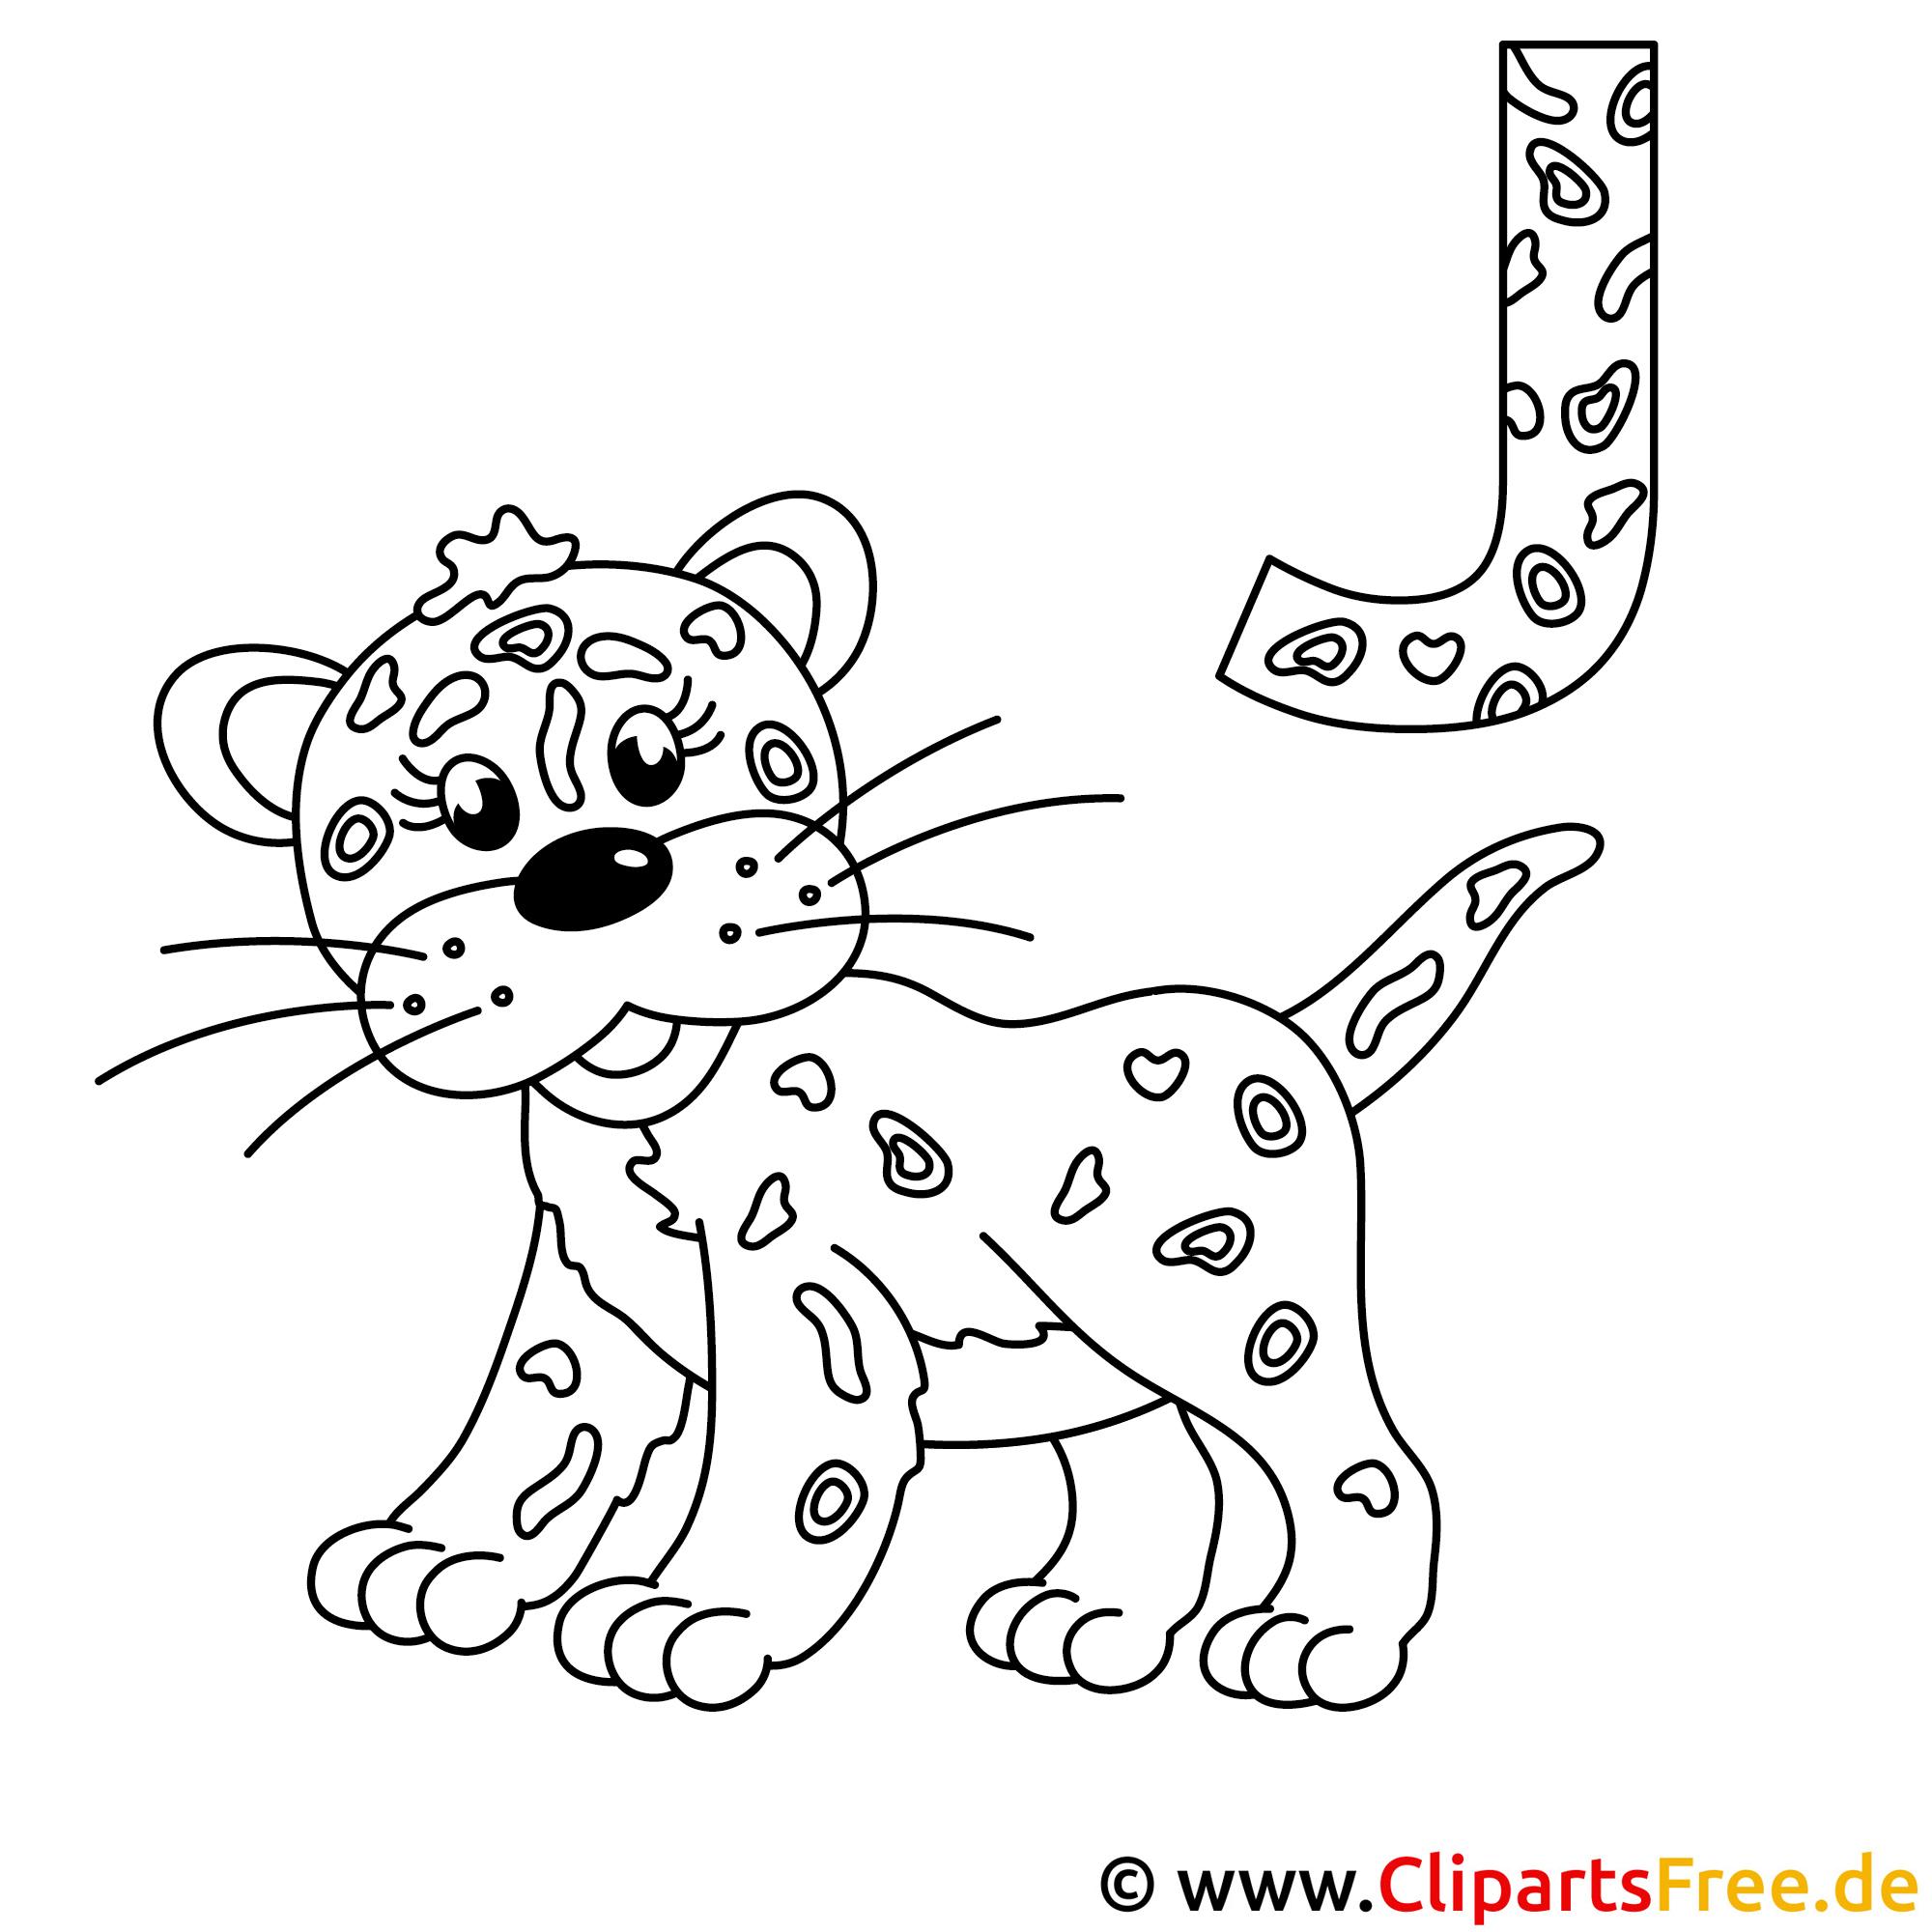 Jaguar Bild zum Ausmalen - Buchstaben Schablone